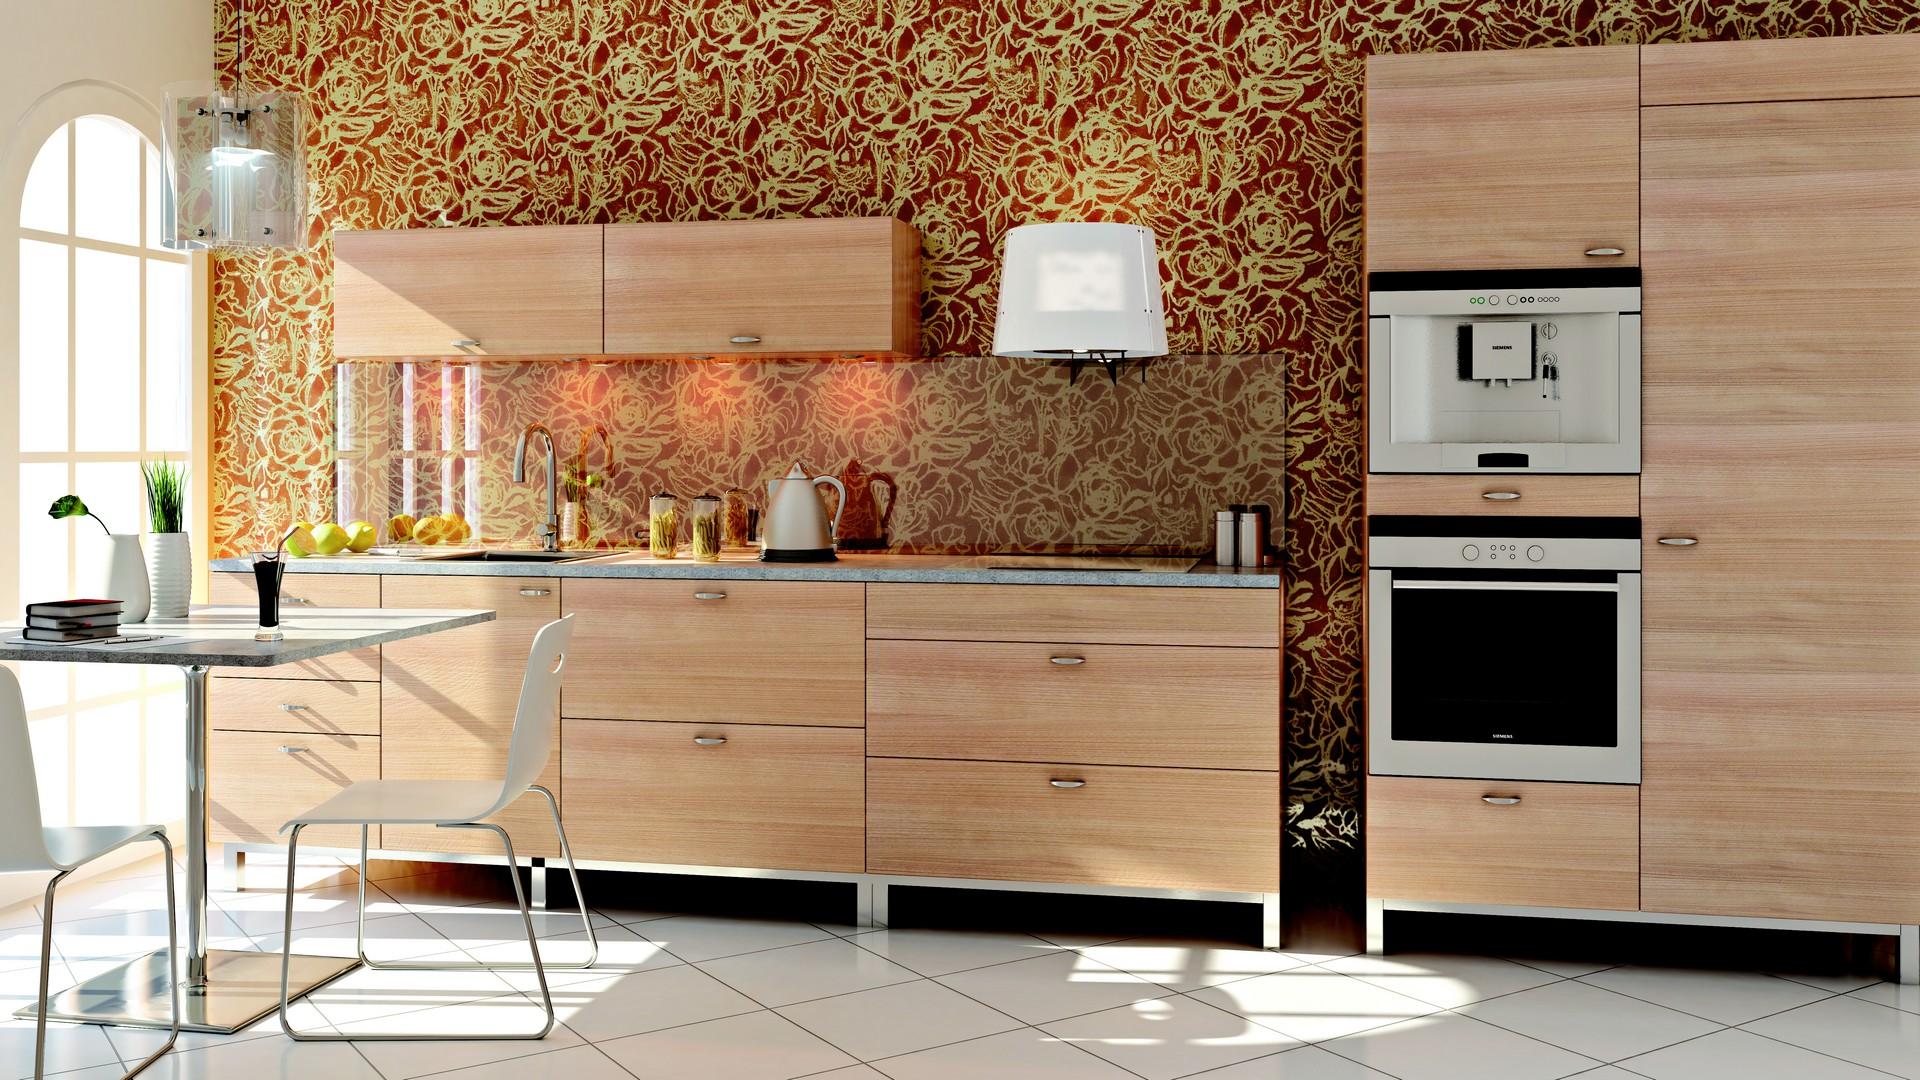 Osta keittiön kaapit valmiina tai rakenna ne itse